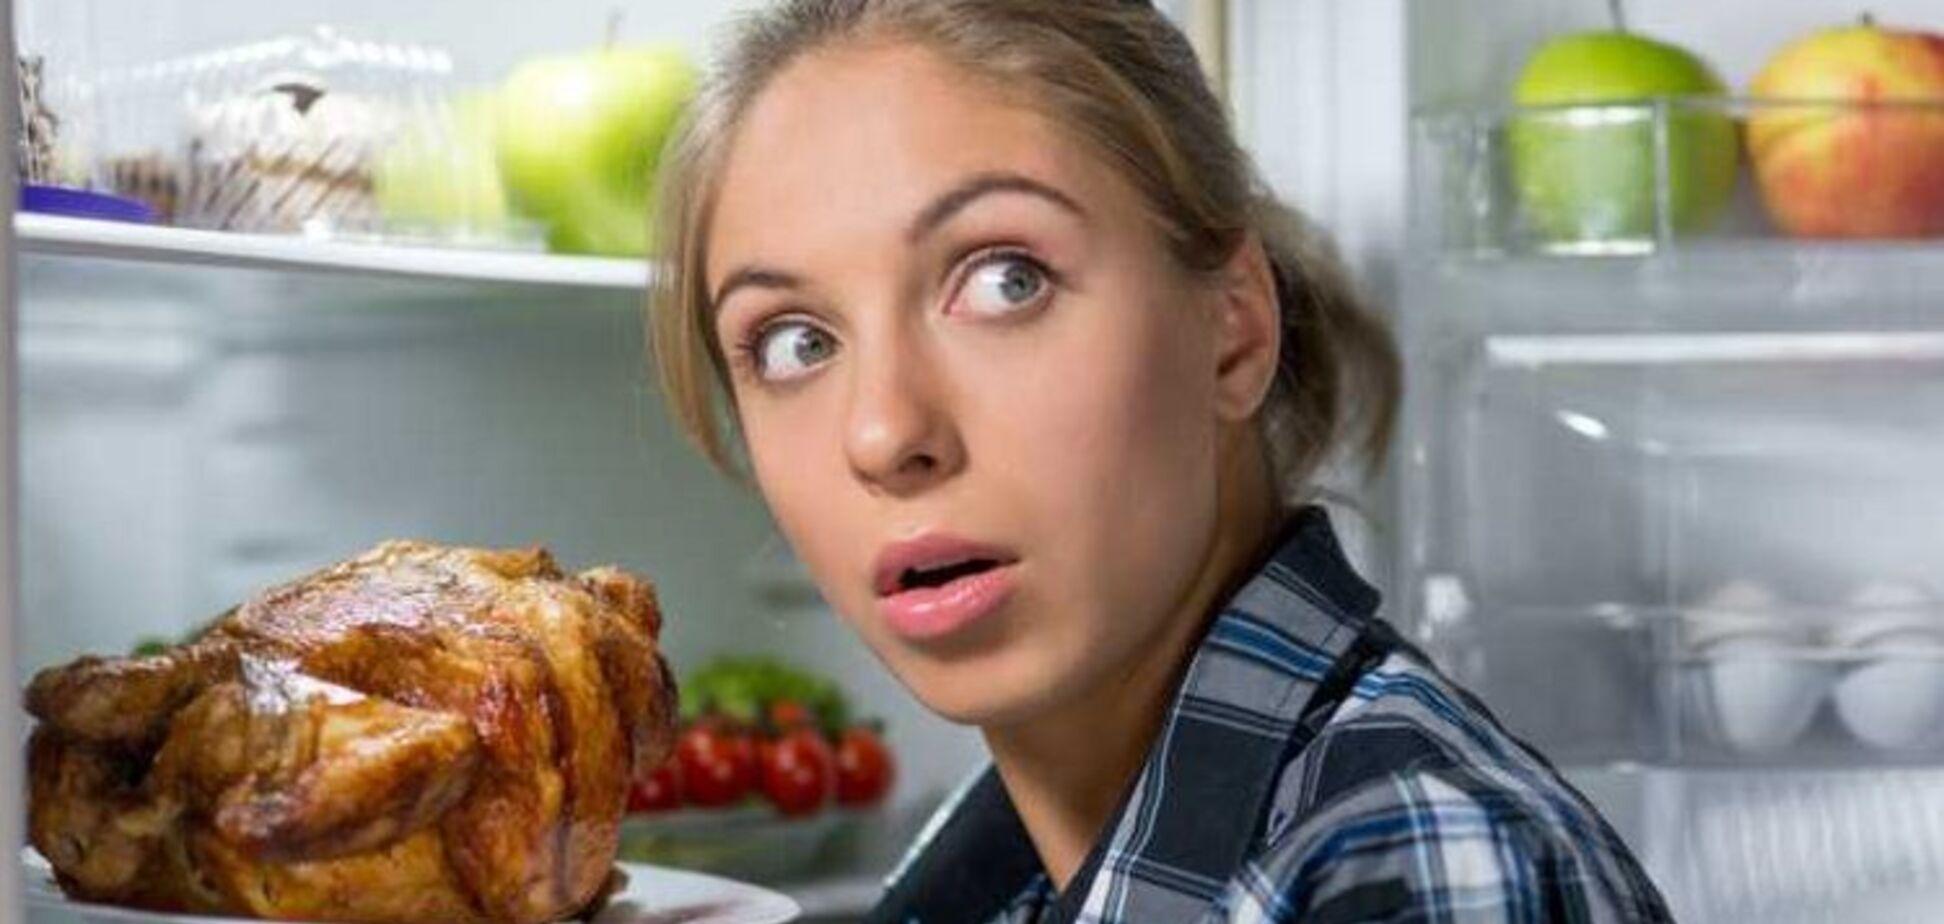 Дієтолог назвала головні помилки, які заважають схуднути